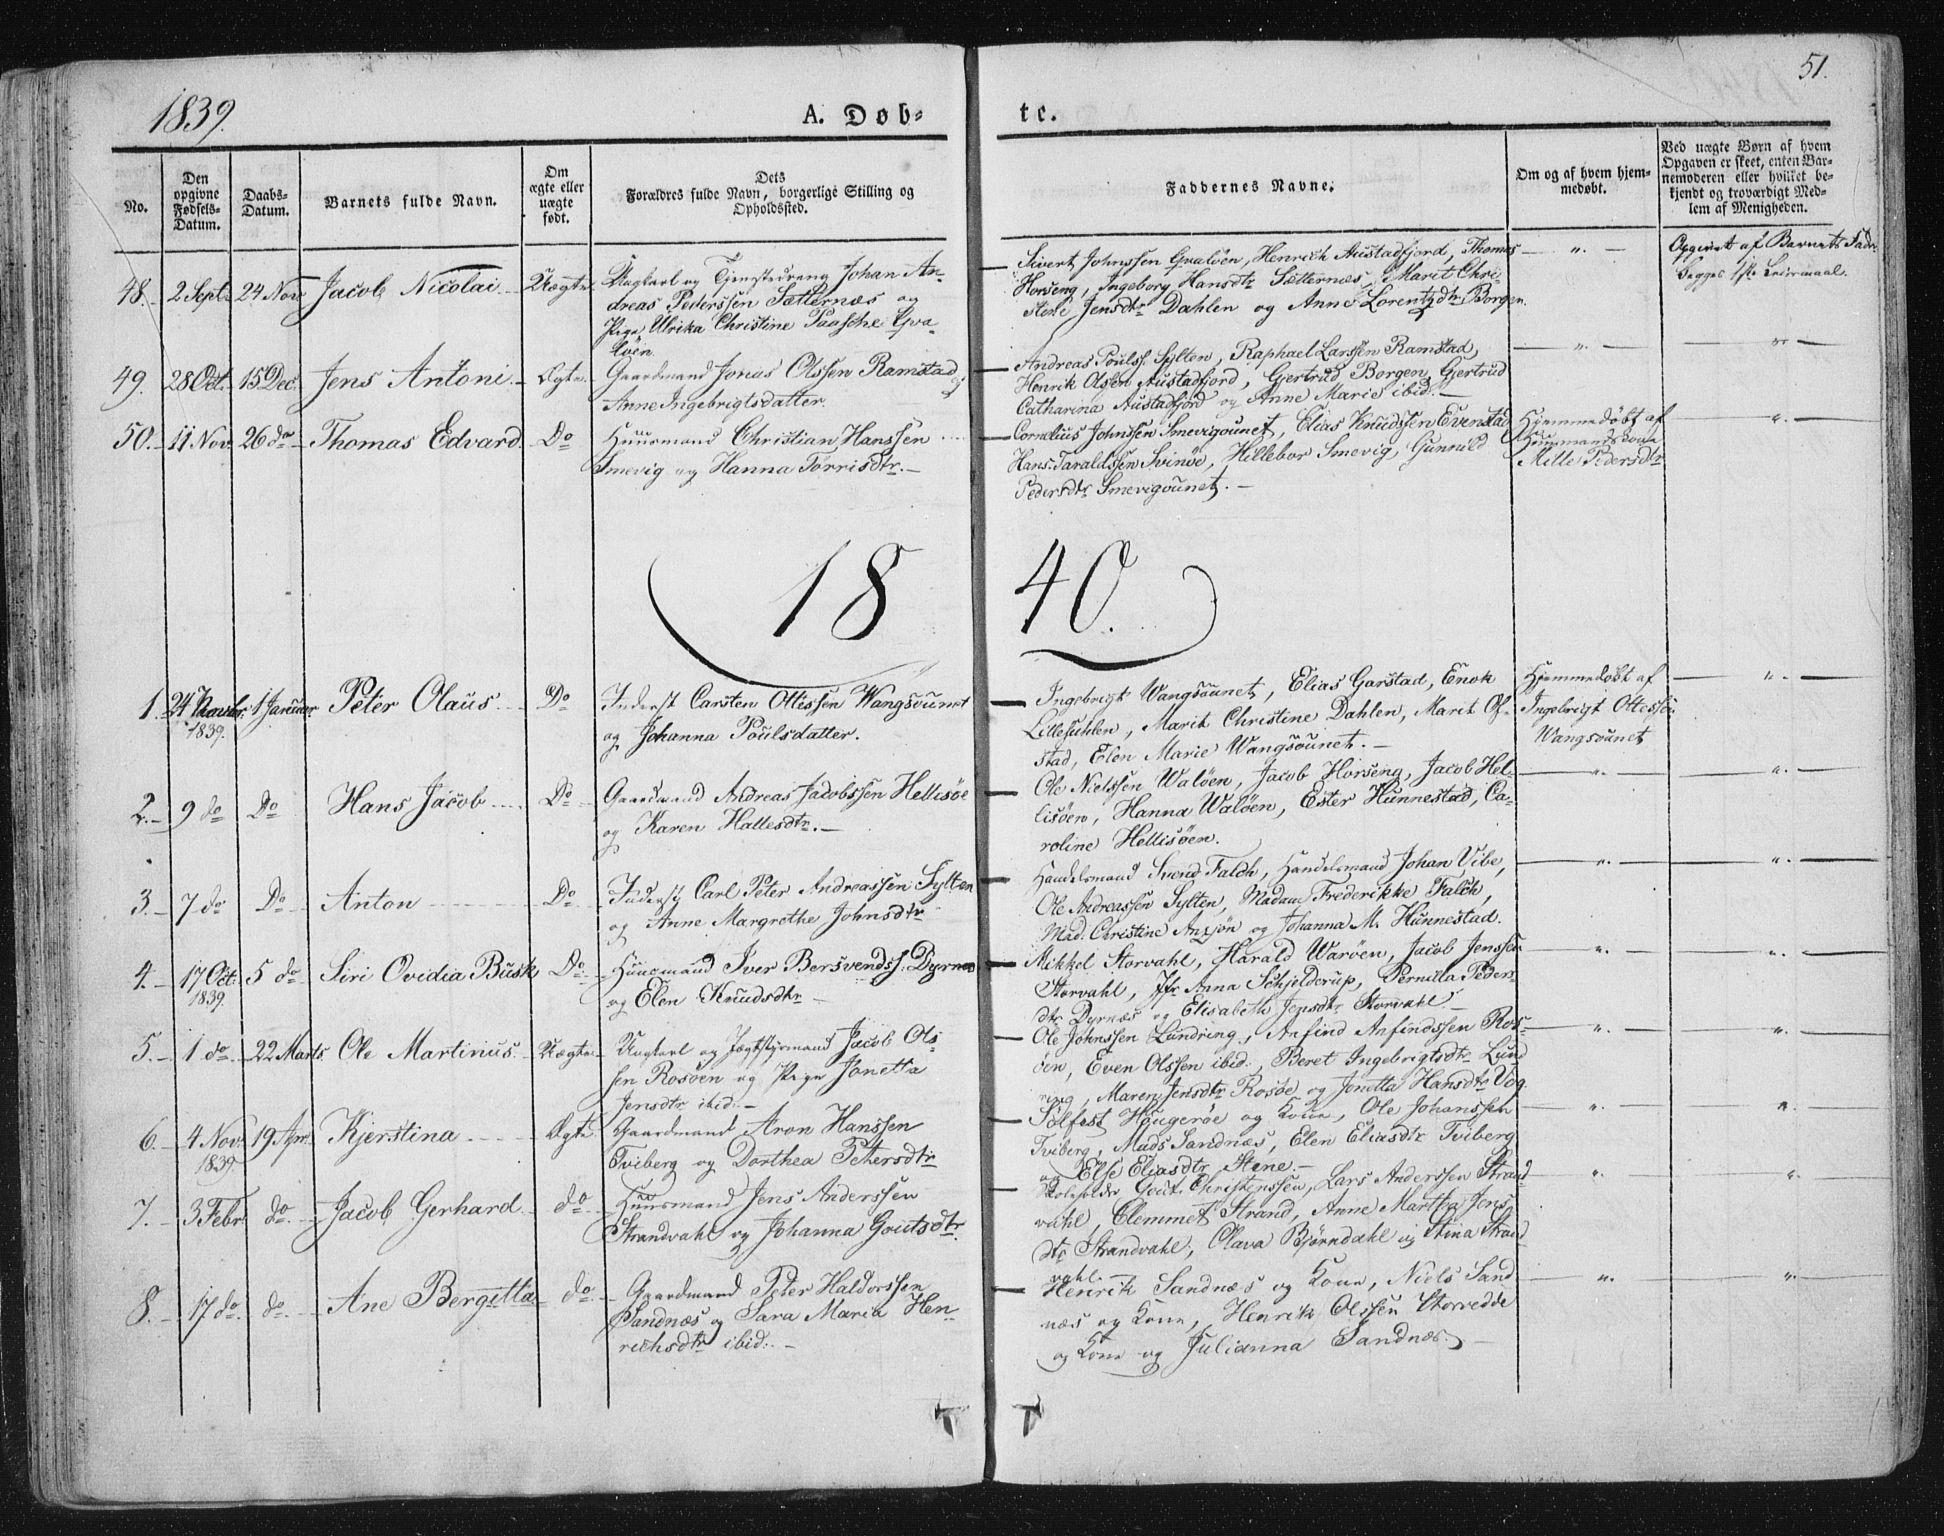 SAT, Ministerialprotokoller, klokkerbøker og fødselsregistre - Nord-Trøndelag, 784/L0669: Ministerialbok nr. 784A04, 1829-1859, s. 51